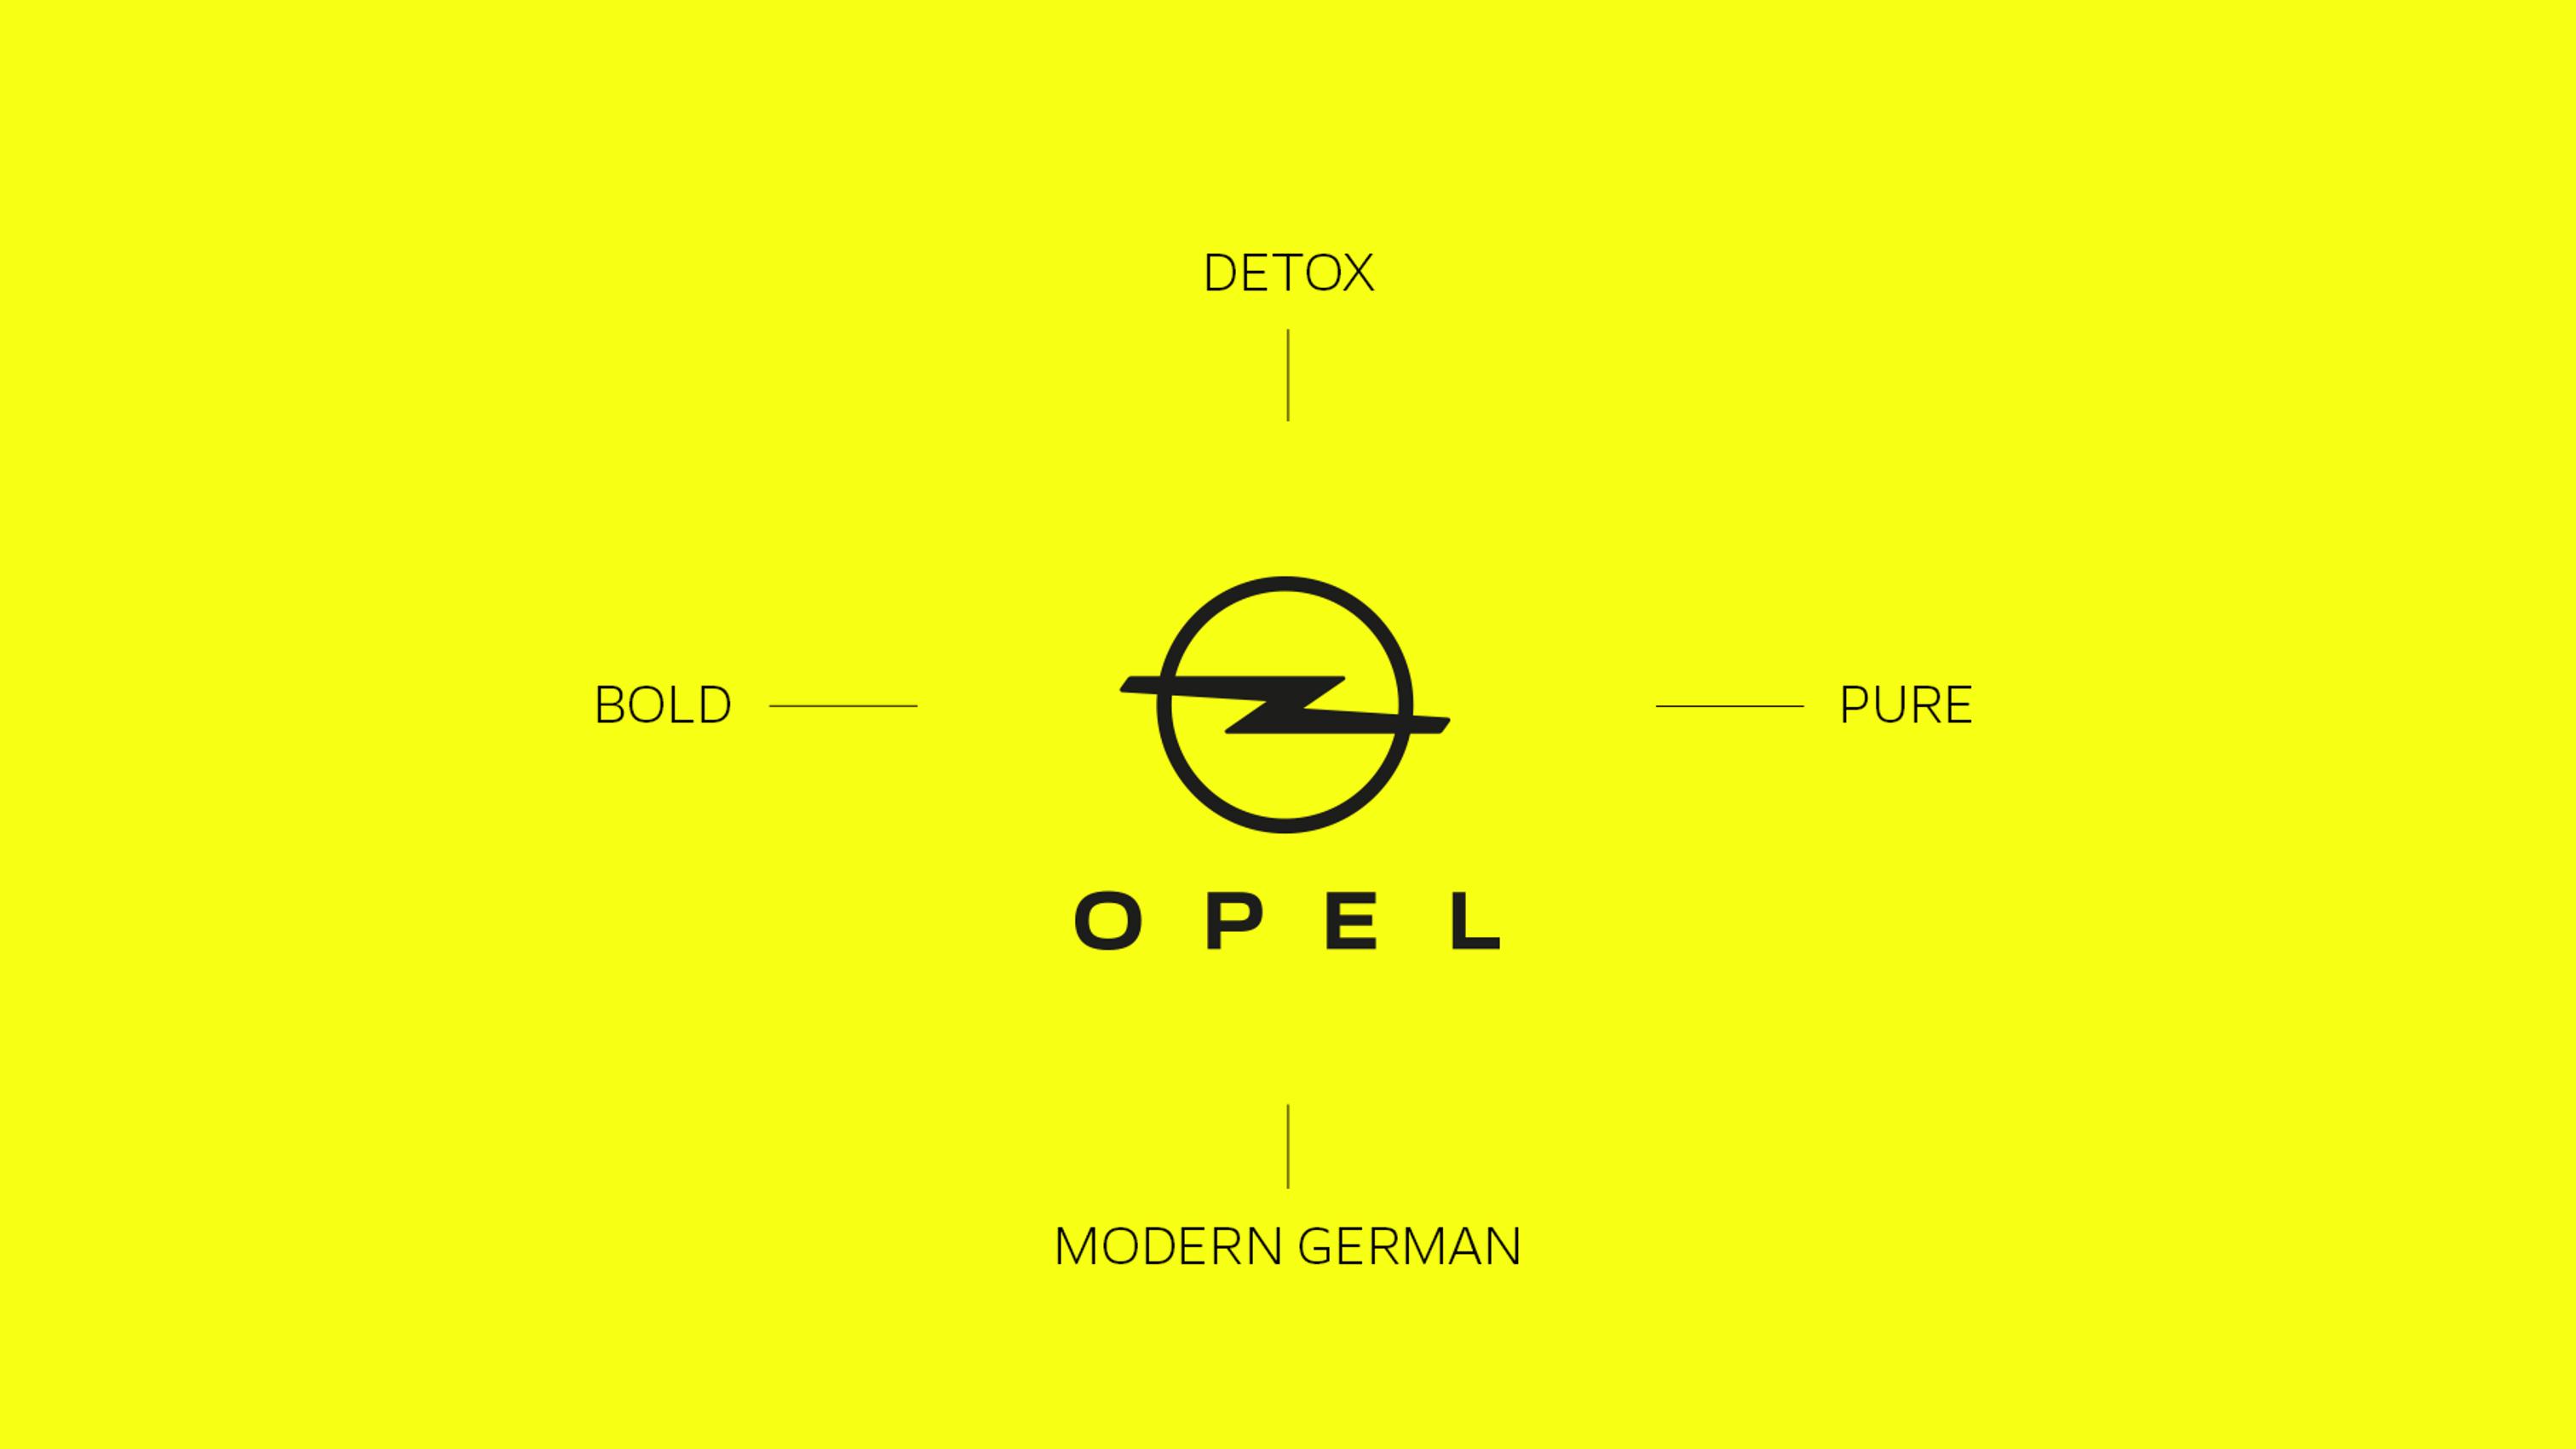 Identité visuelle de Marque : Opel modernise son image